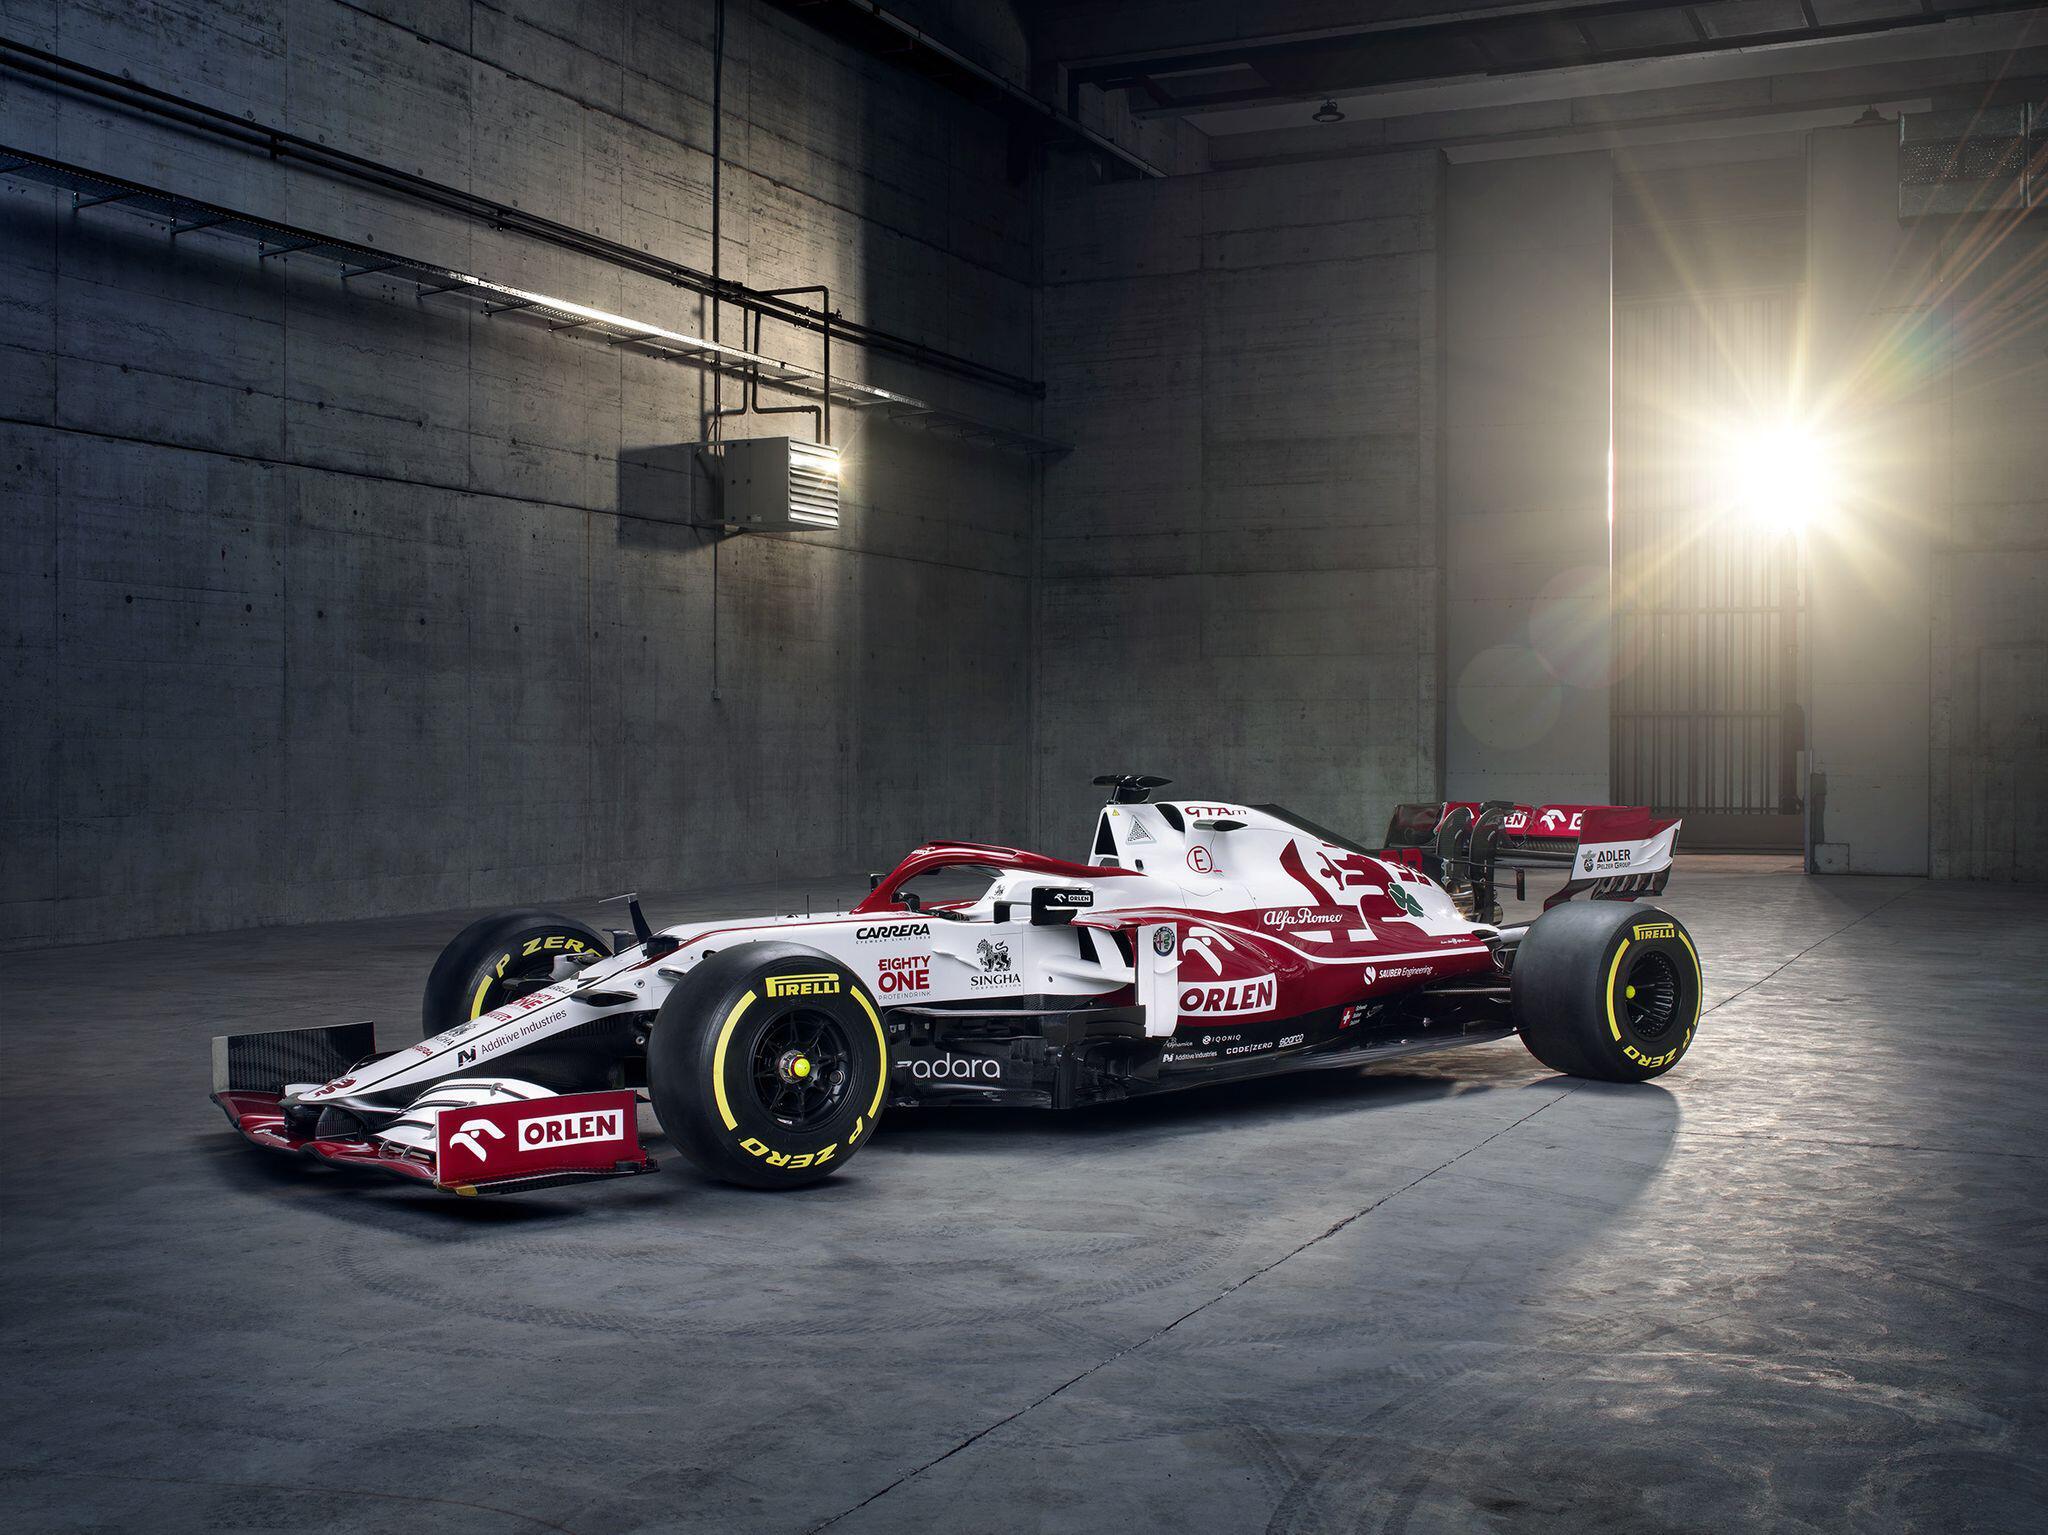 Bild zu Vorstellung des neuen Formel-1-Wagens C41 von Alfa Romeo